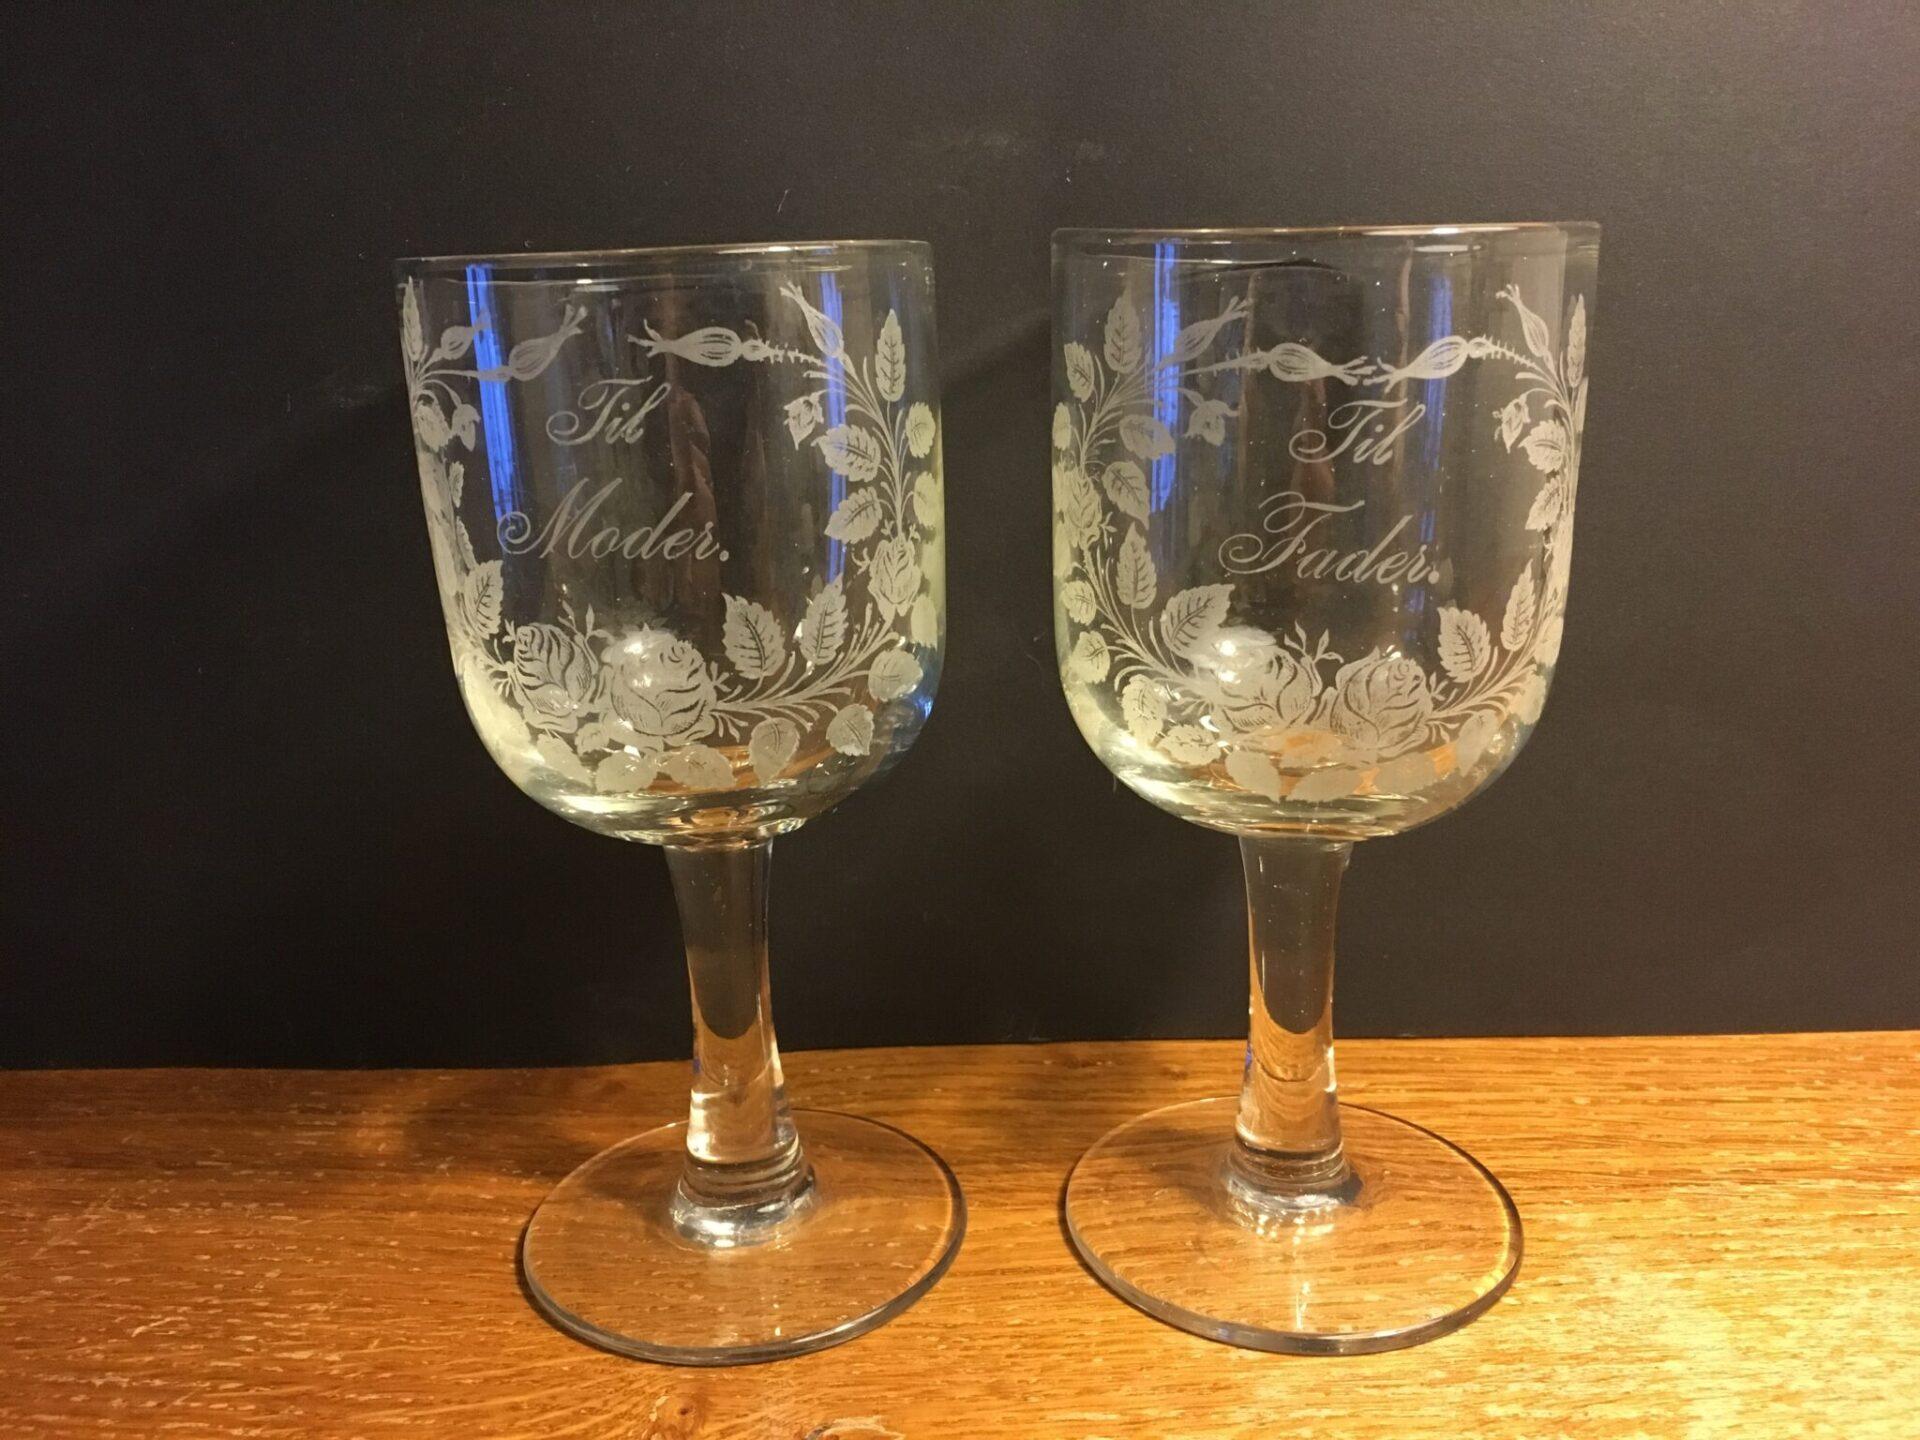 2 stk antikke erindringsglas ial 600 kr